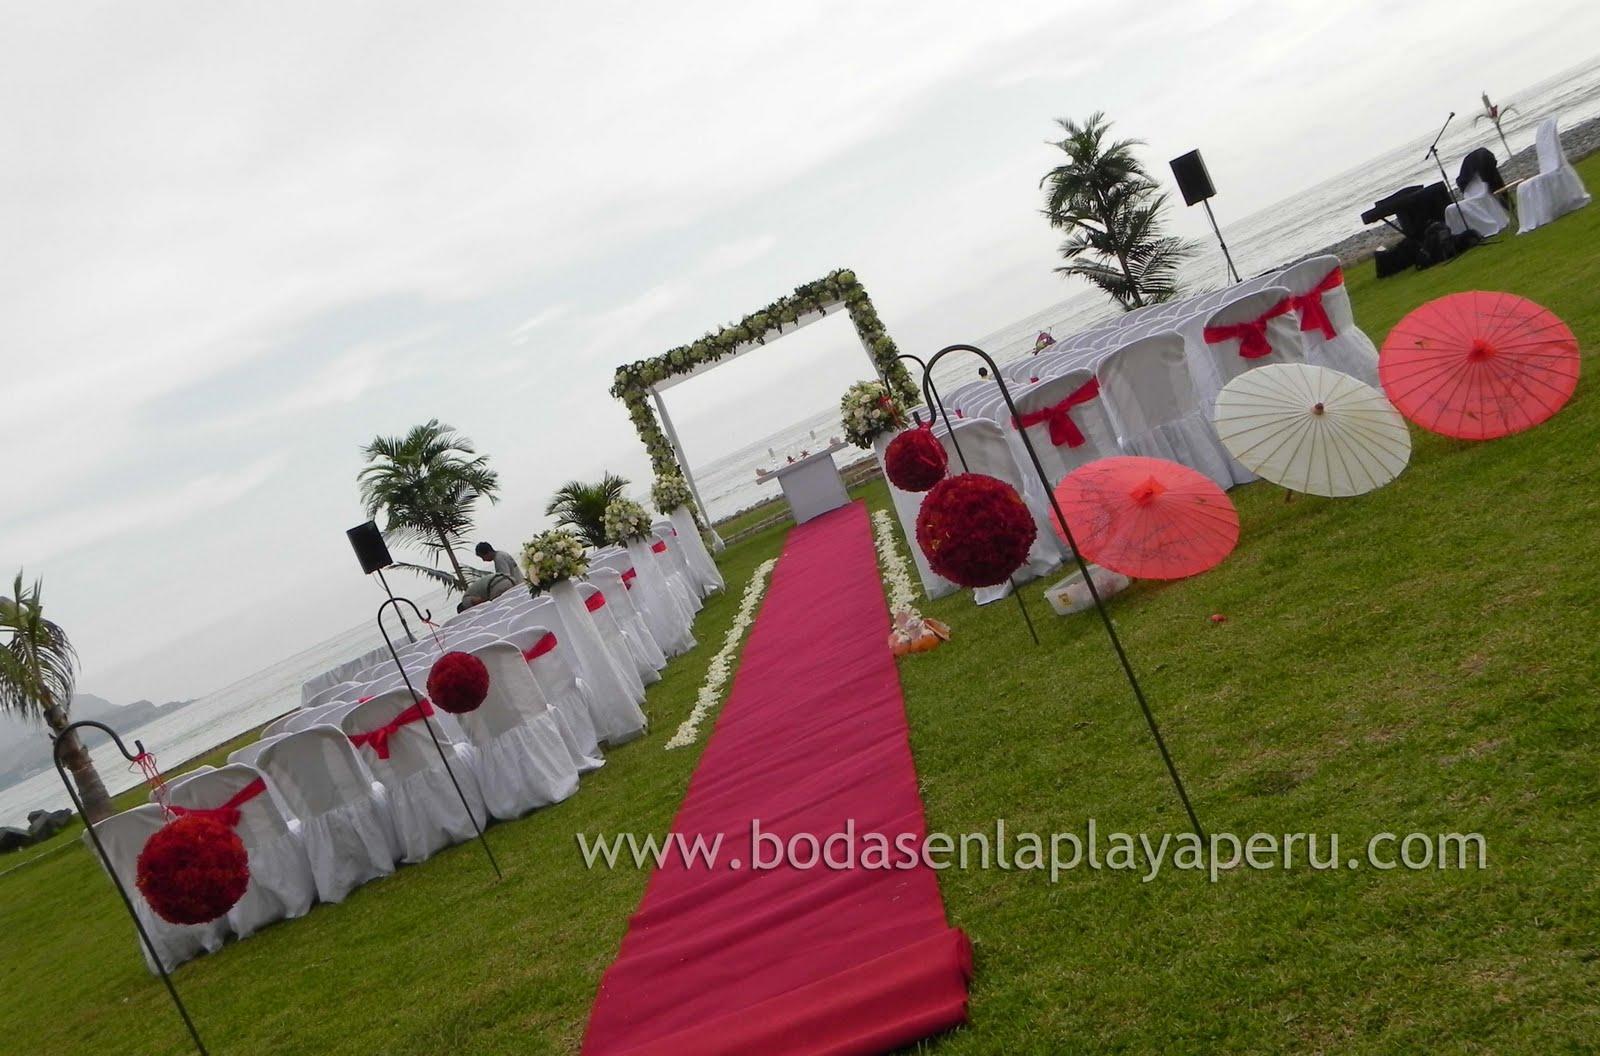 Matrimonio Simbolico En La Playa Peru : Bodas en la playa perú boda de lima